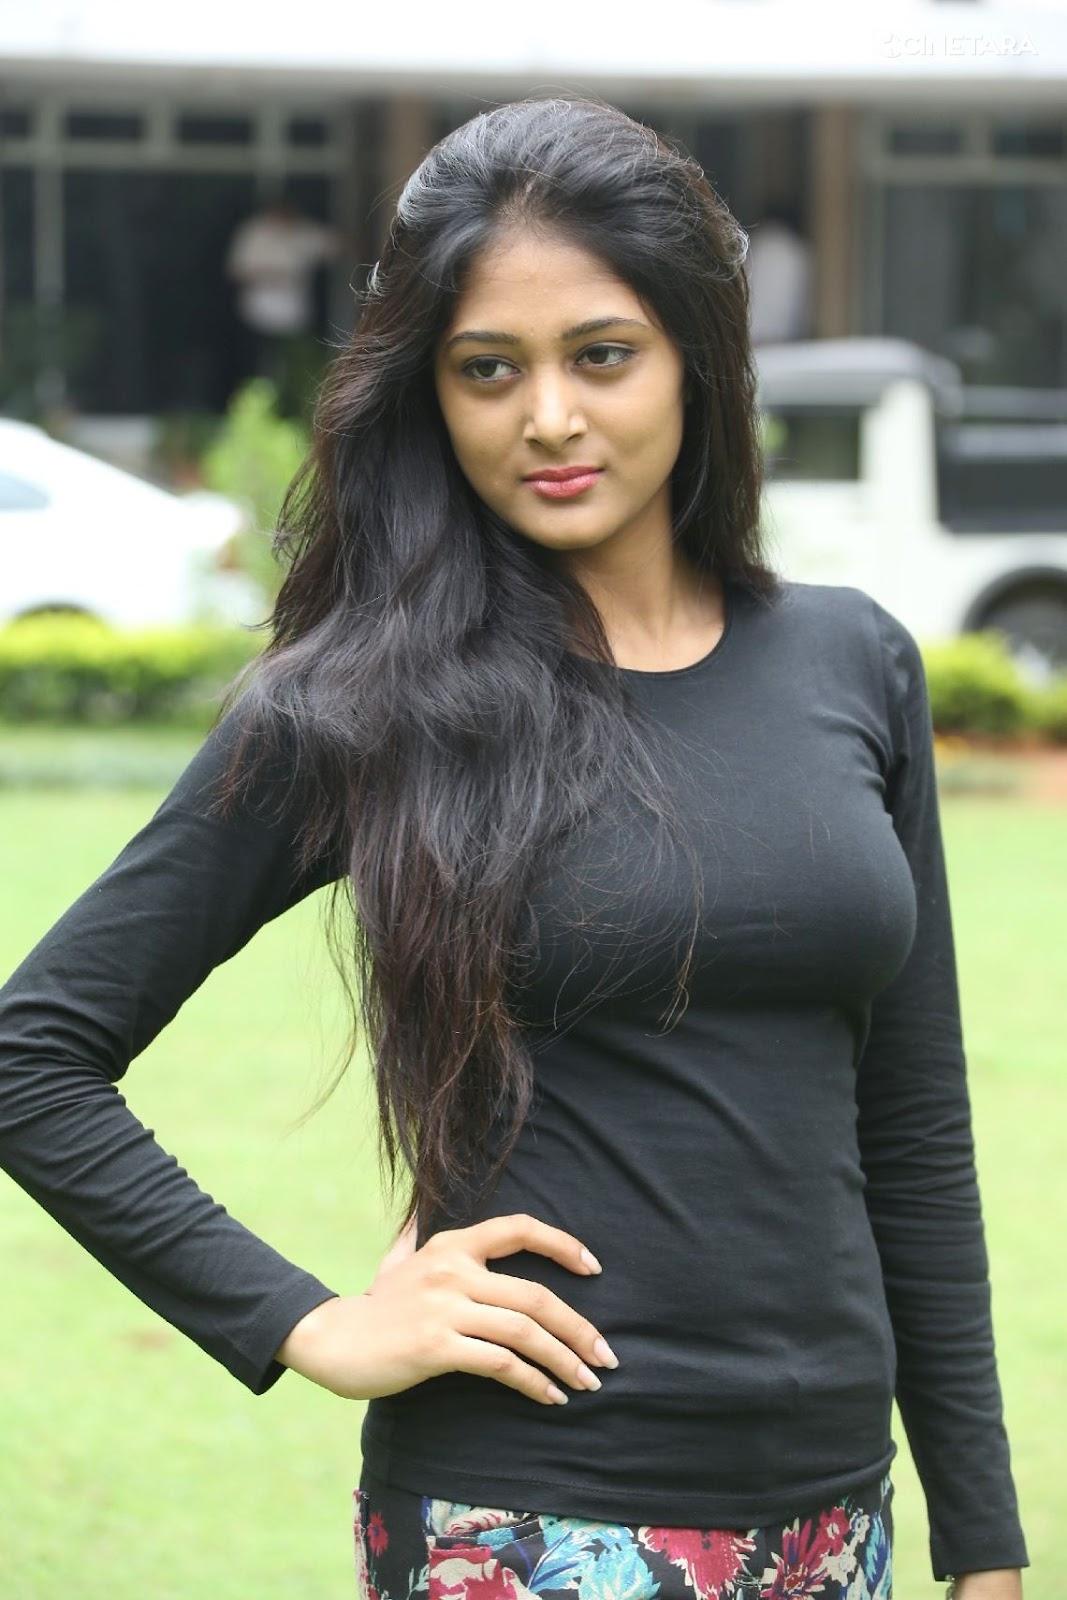 Sushma Raj Actress So Spicy Pics In Black Dress - Cinebulkblogspotcom-8415